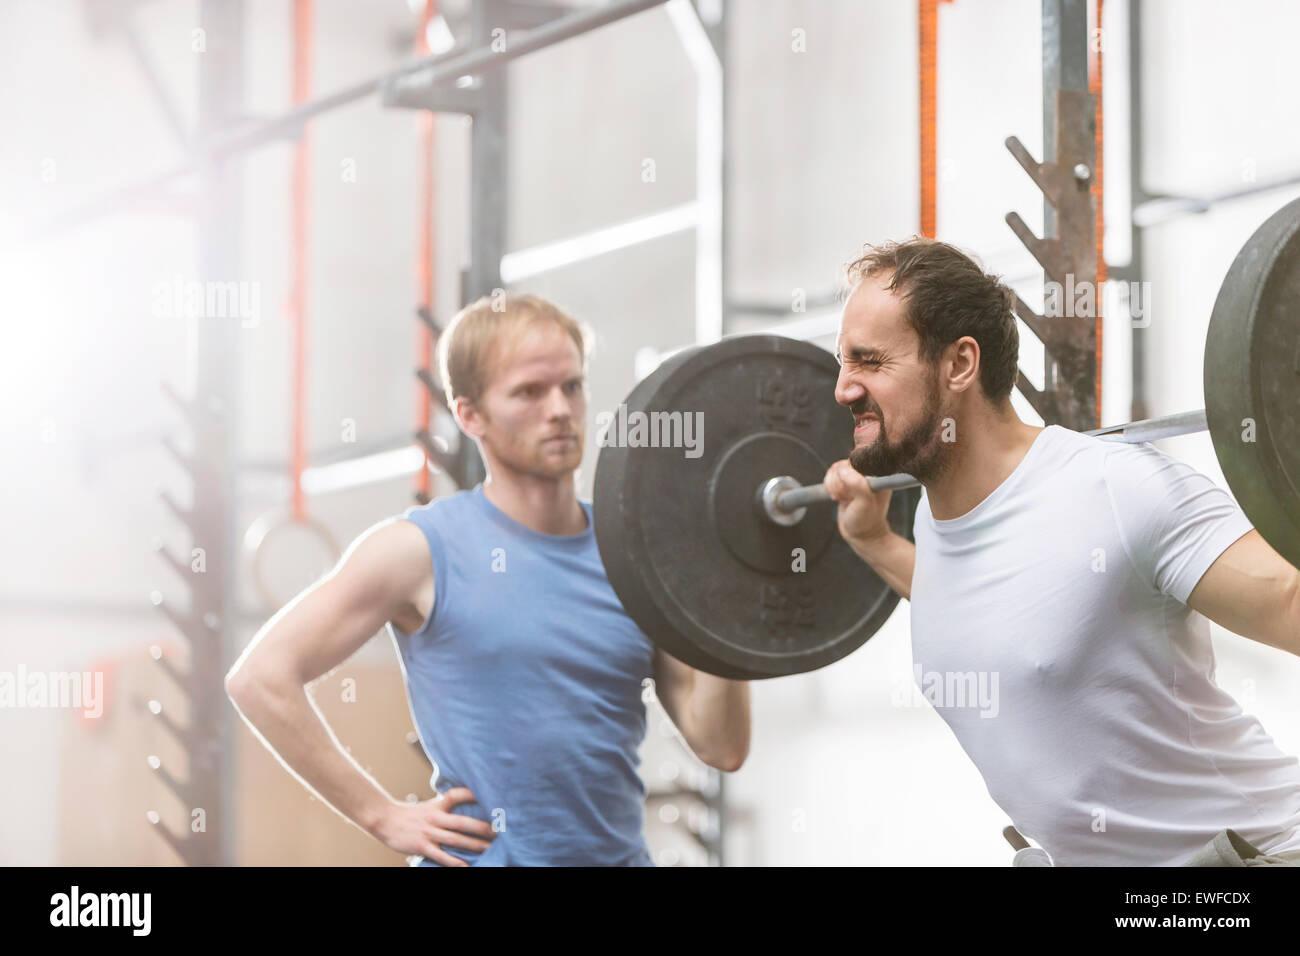 L'uomo aiutando un amico in sollevamento barbell in palestra crossfit Immagini Stock